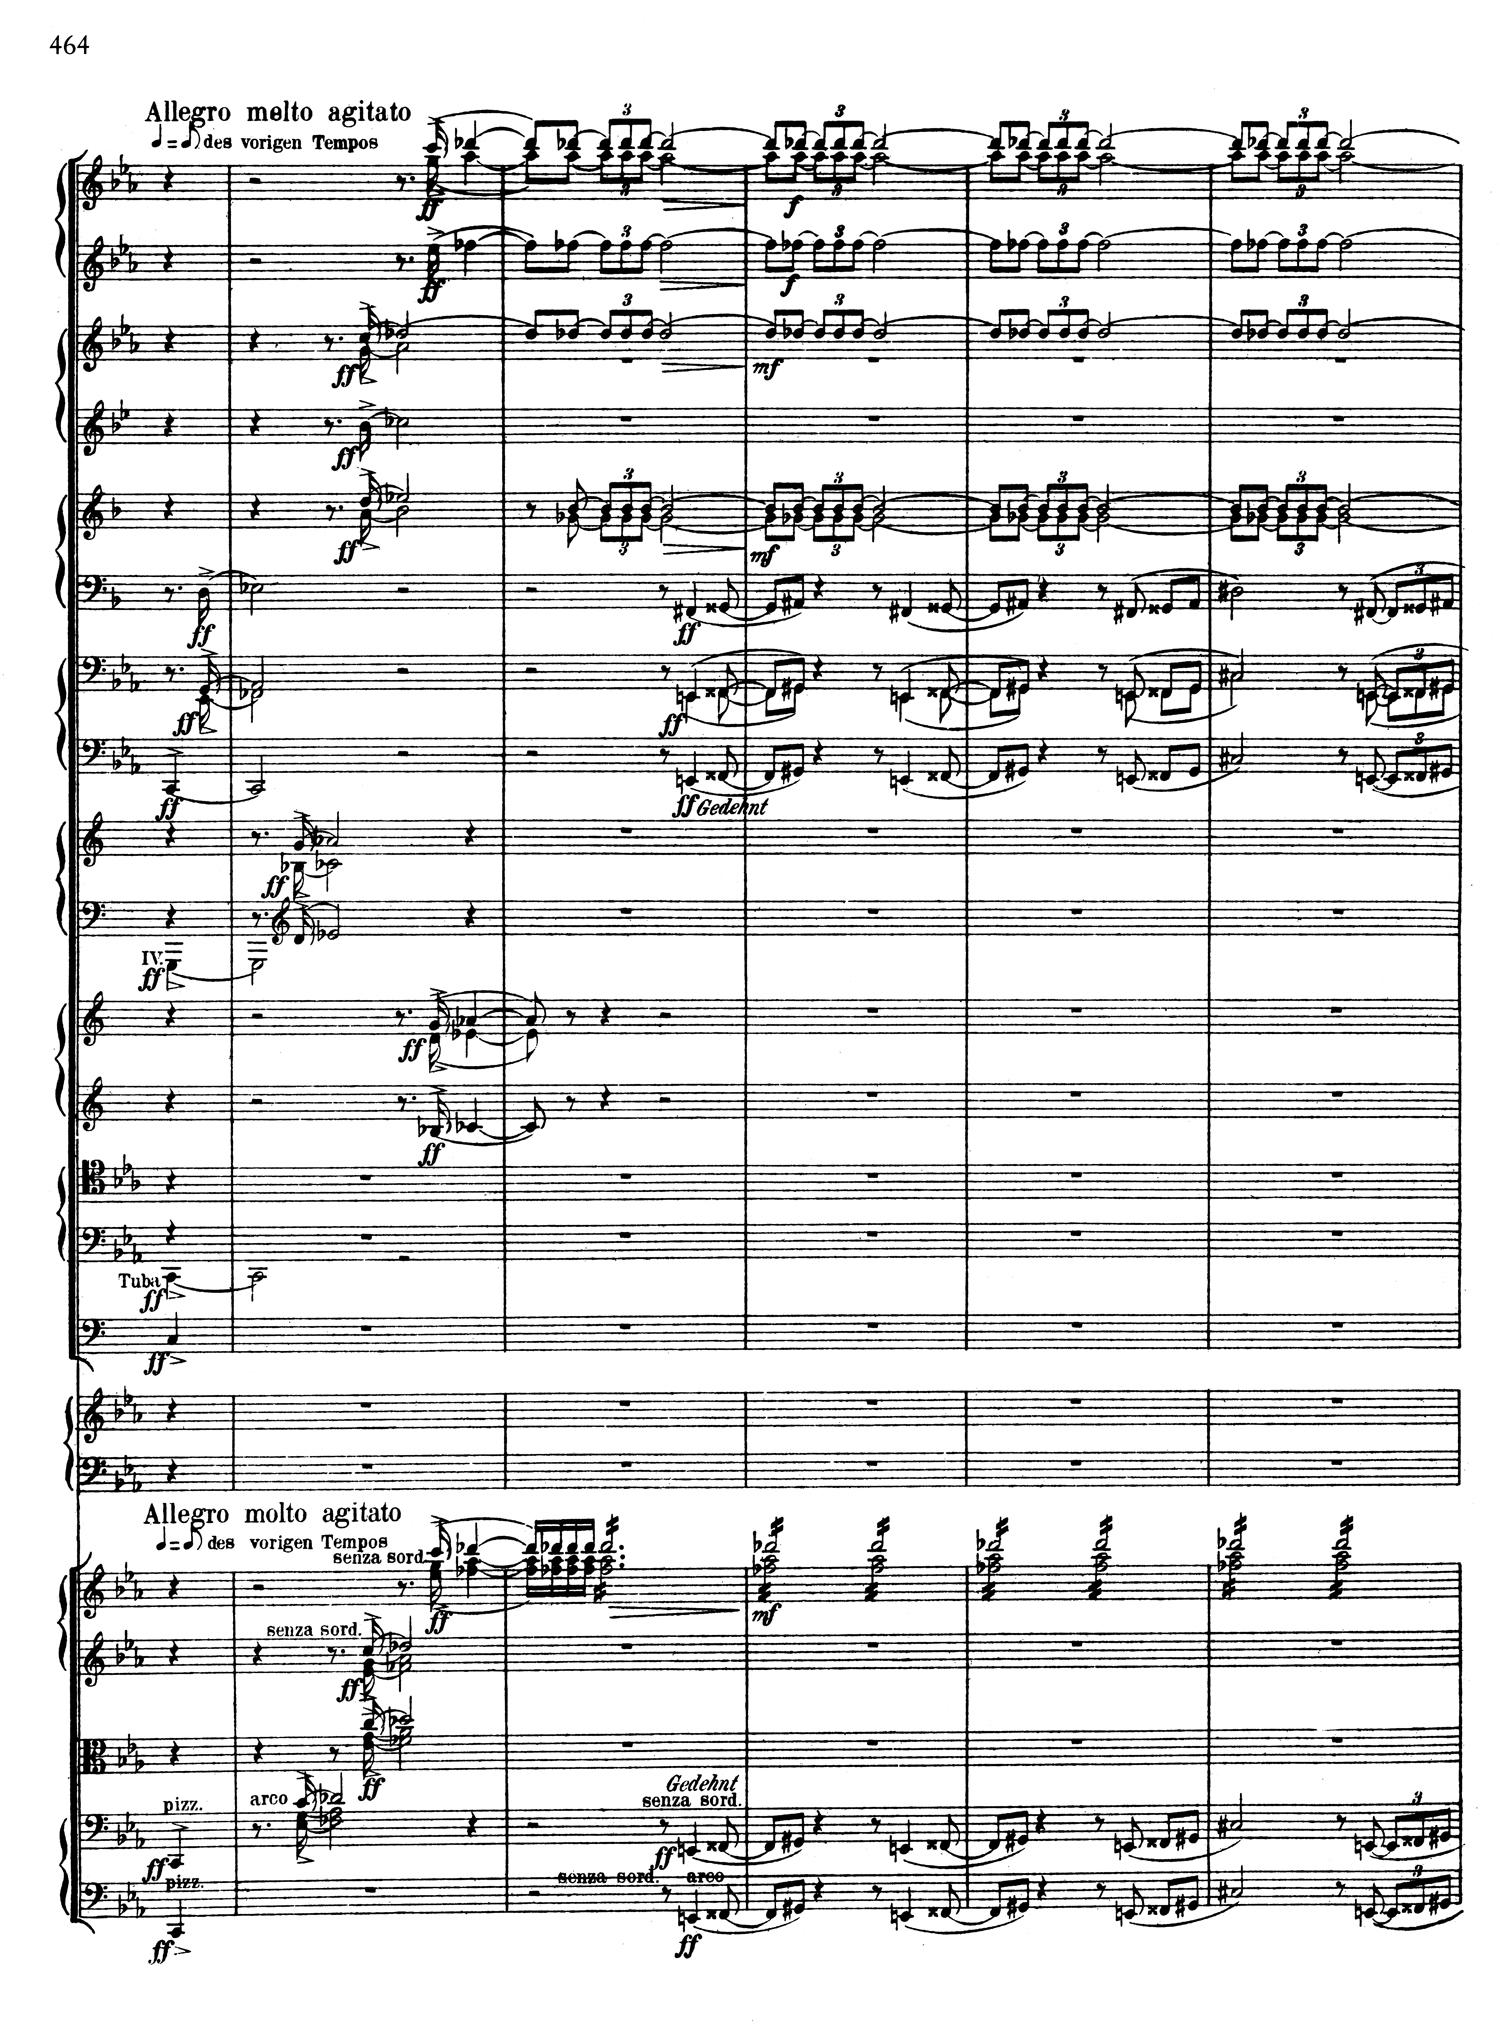 Strauss Death Score 1.jpg